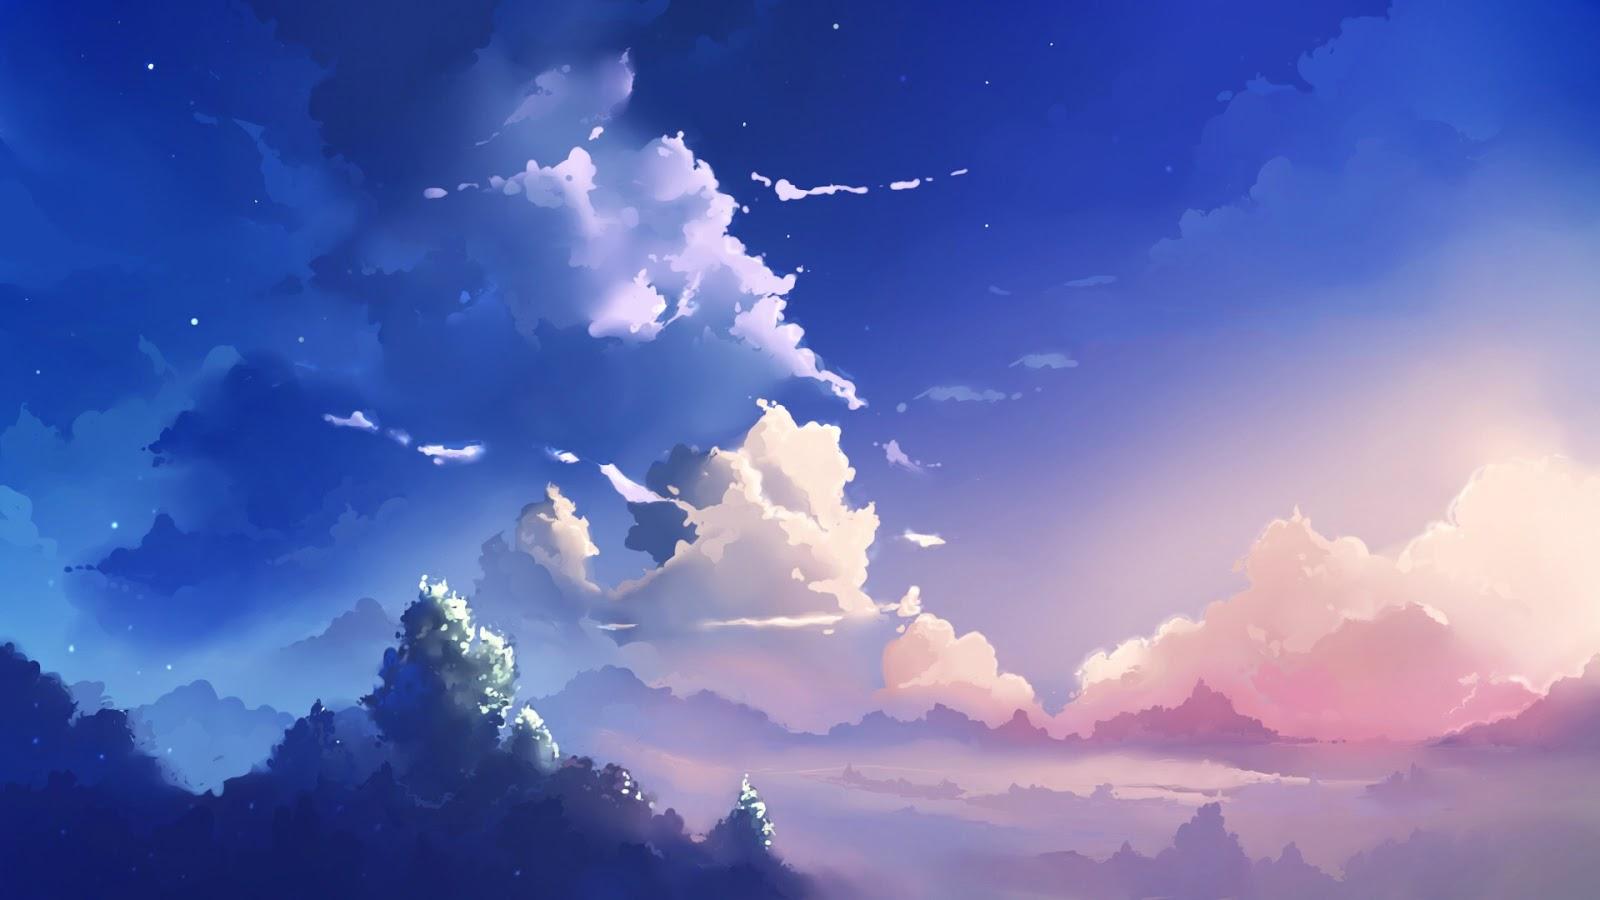 Anime Landscape Sky Anime Landscape 1600x900